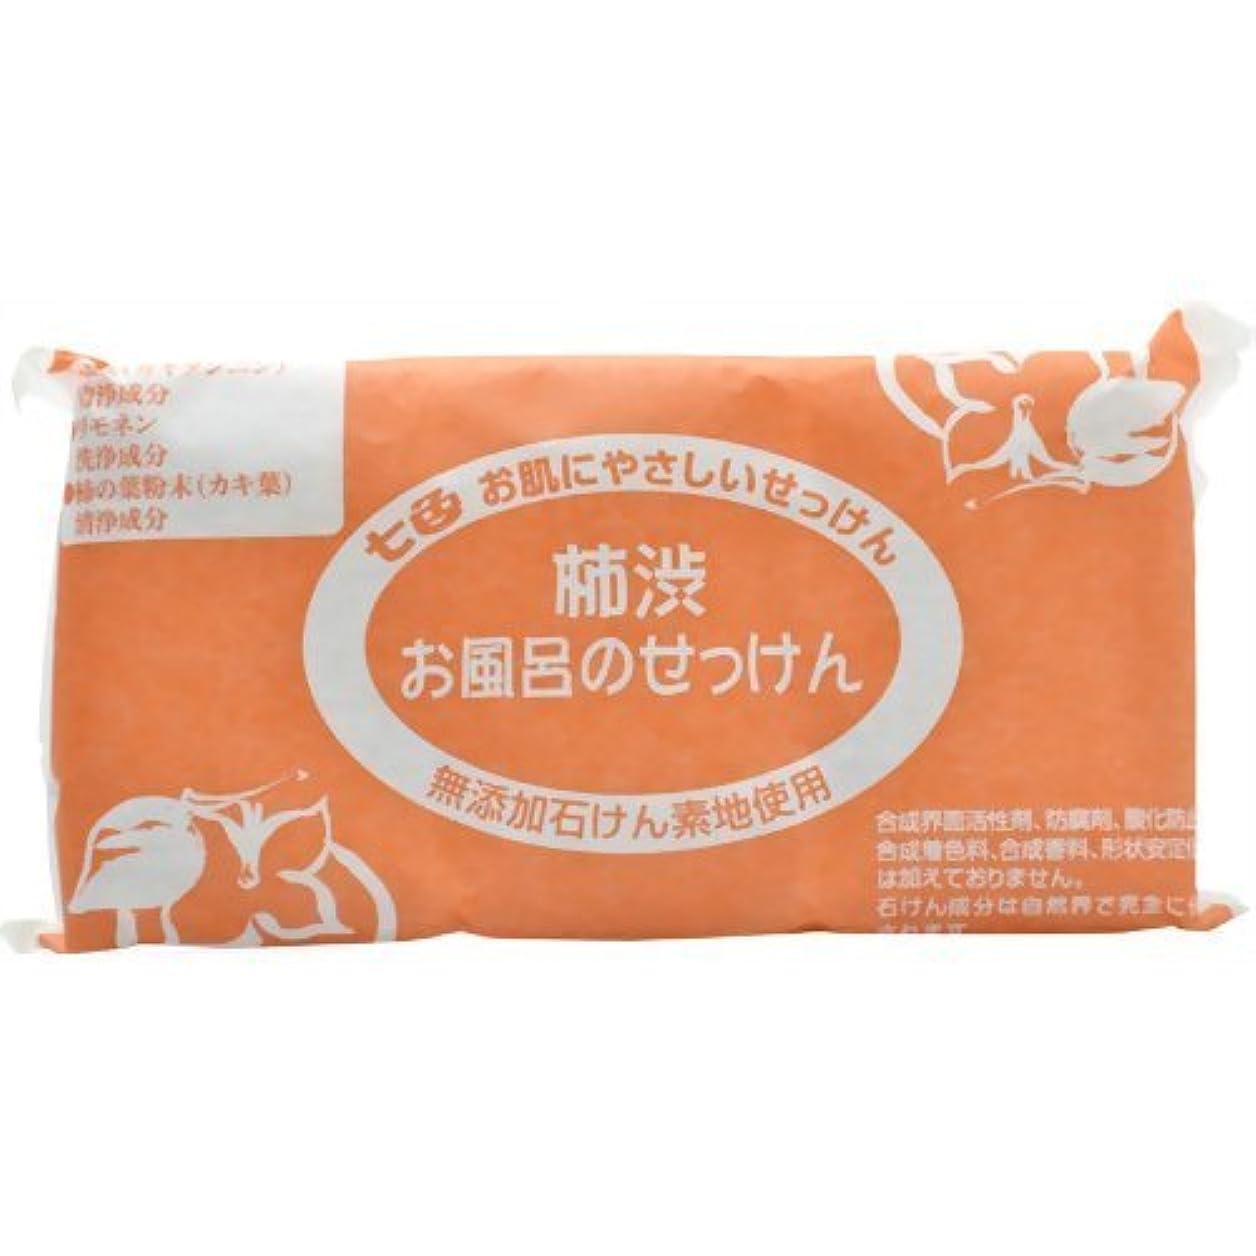 符号アシスト十億七色 お風呂のせっけん 柿渋(無添加石鹸) 100g×3個入